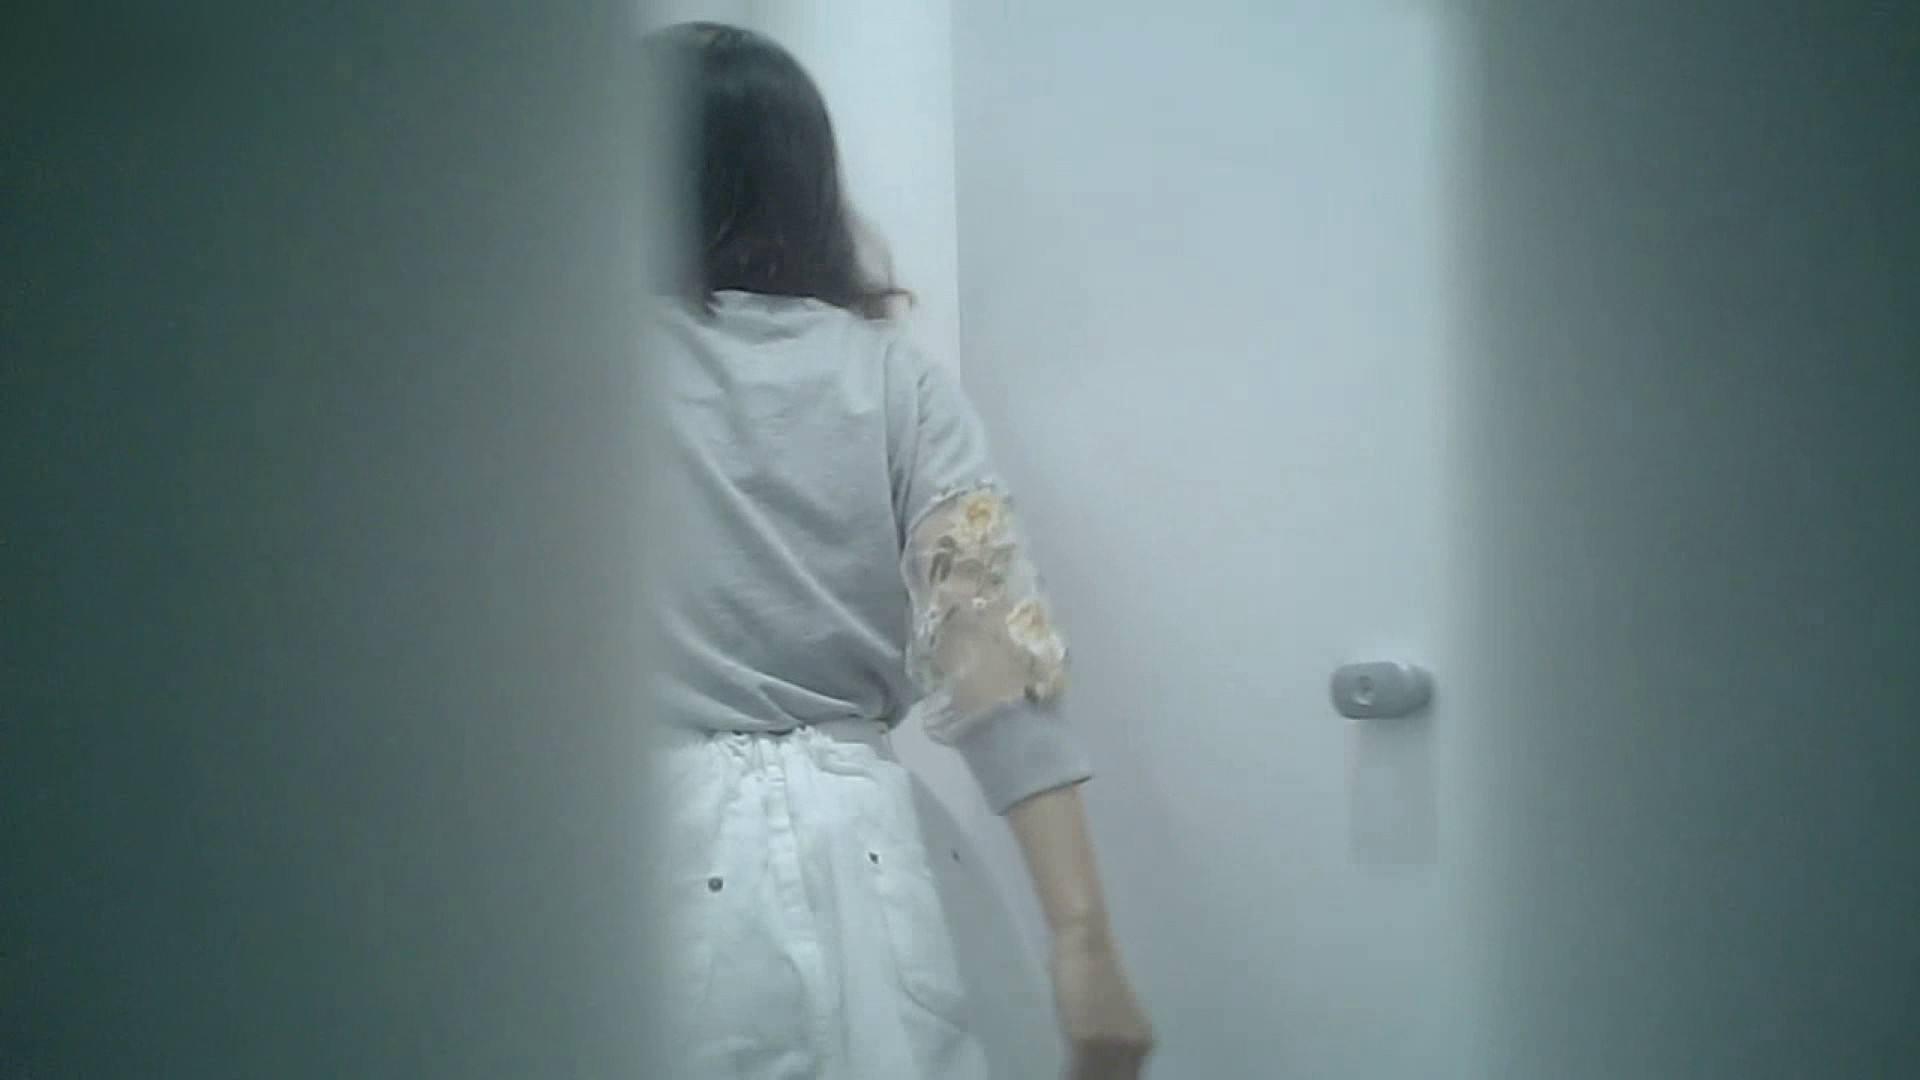 有名大学女性洗面所 vol.40 ??おまじない的な動きをする子がいます。 洗面所突入 | 潜入突撃  81pic 26